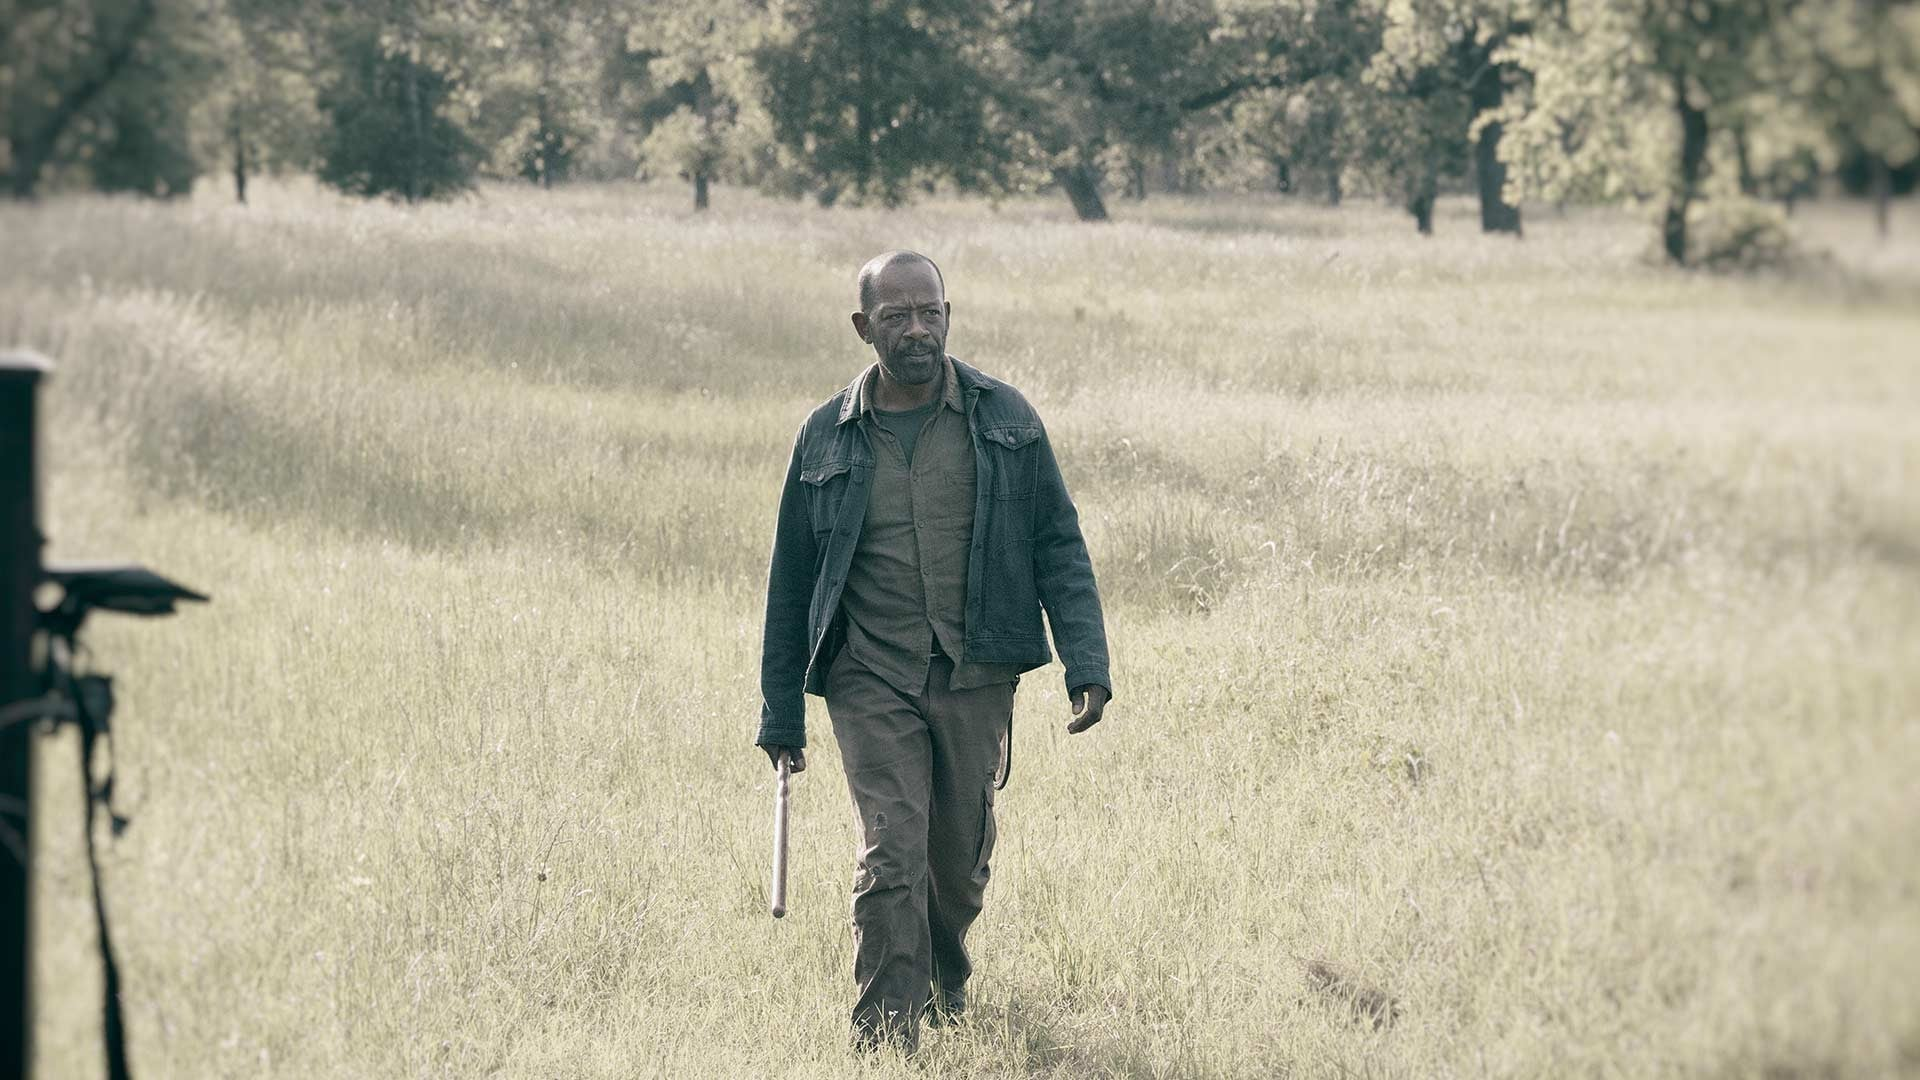 fear the walking dead season 4 episode 12 free online